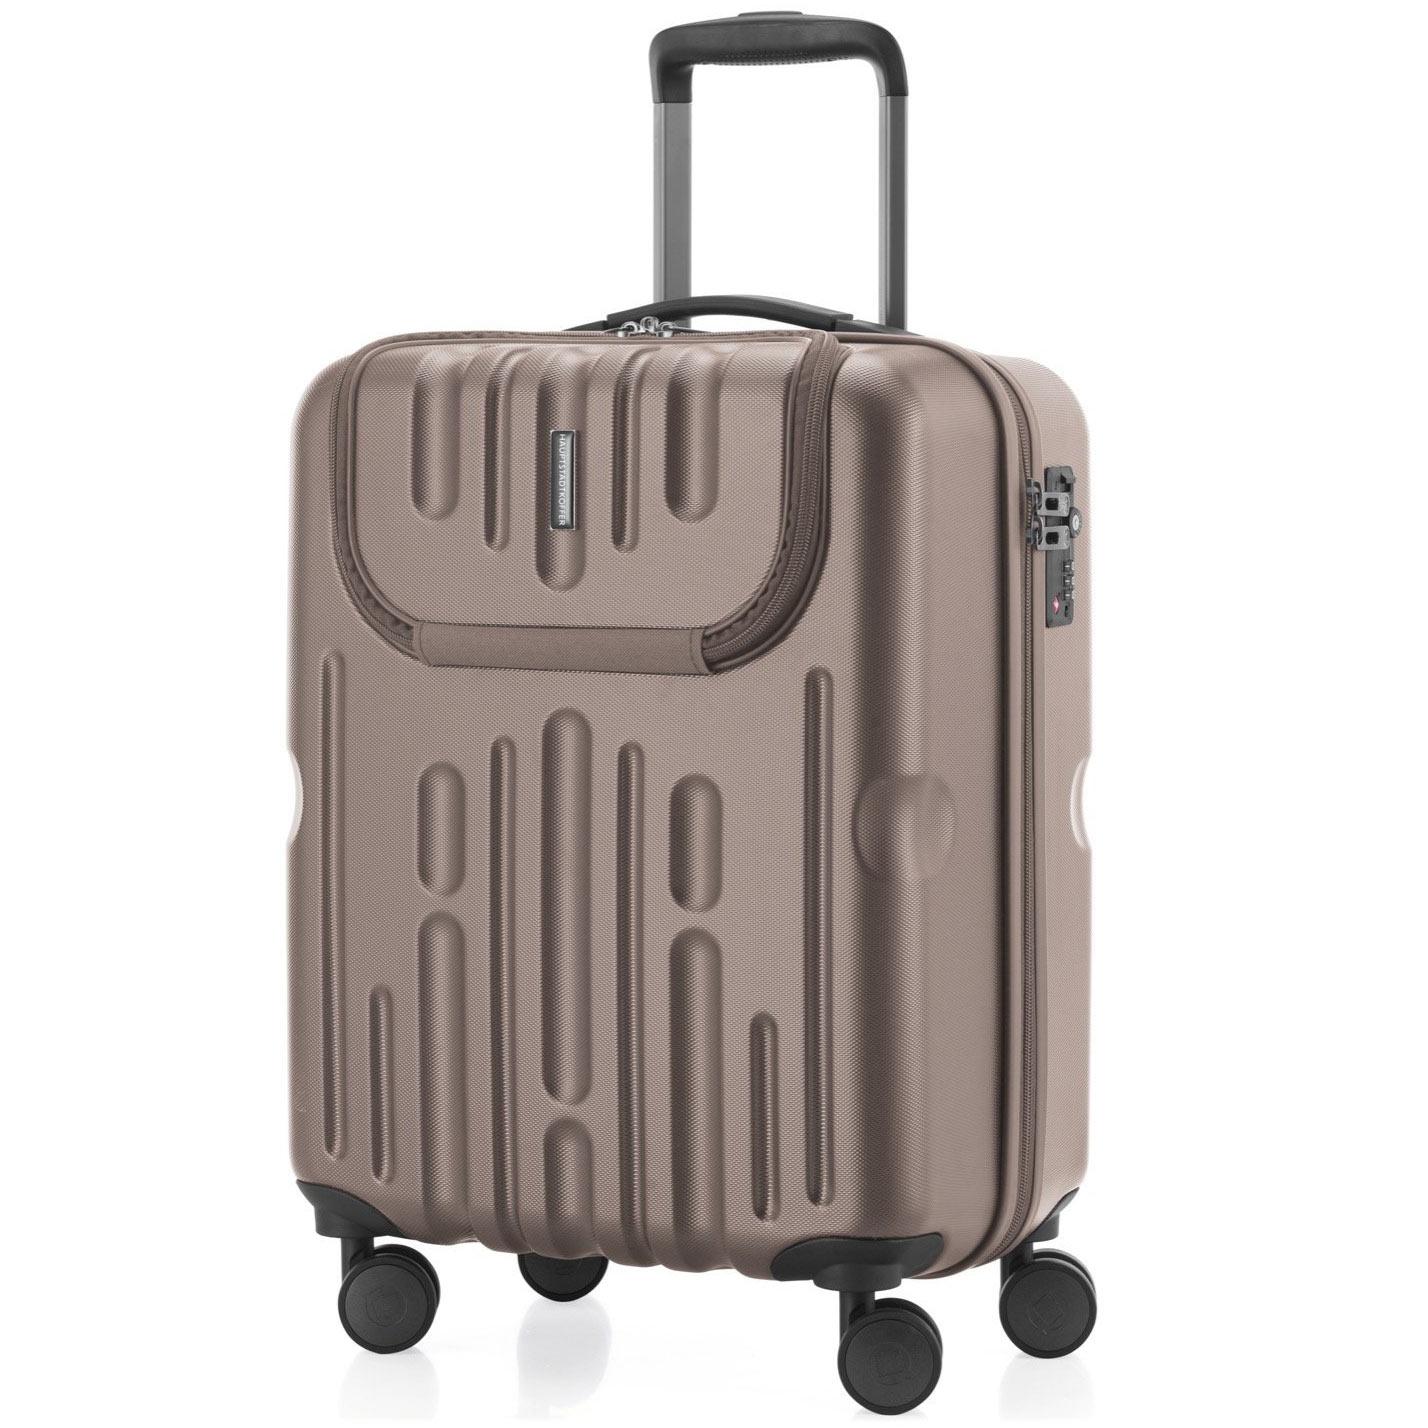 handgep ck koffer mit laptoptasche 54x39x23 cm handgep ck tipps. Black Bedroom Furniture Sets. Home Design Ideas